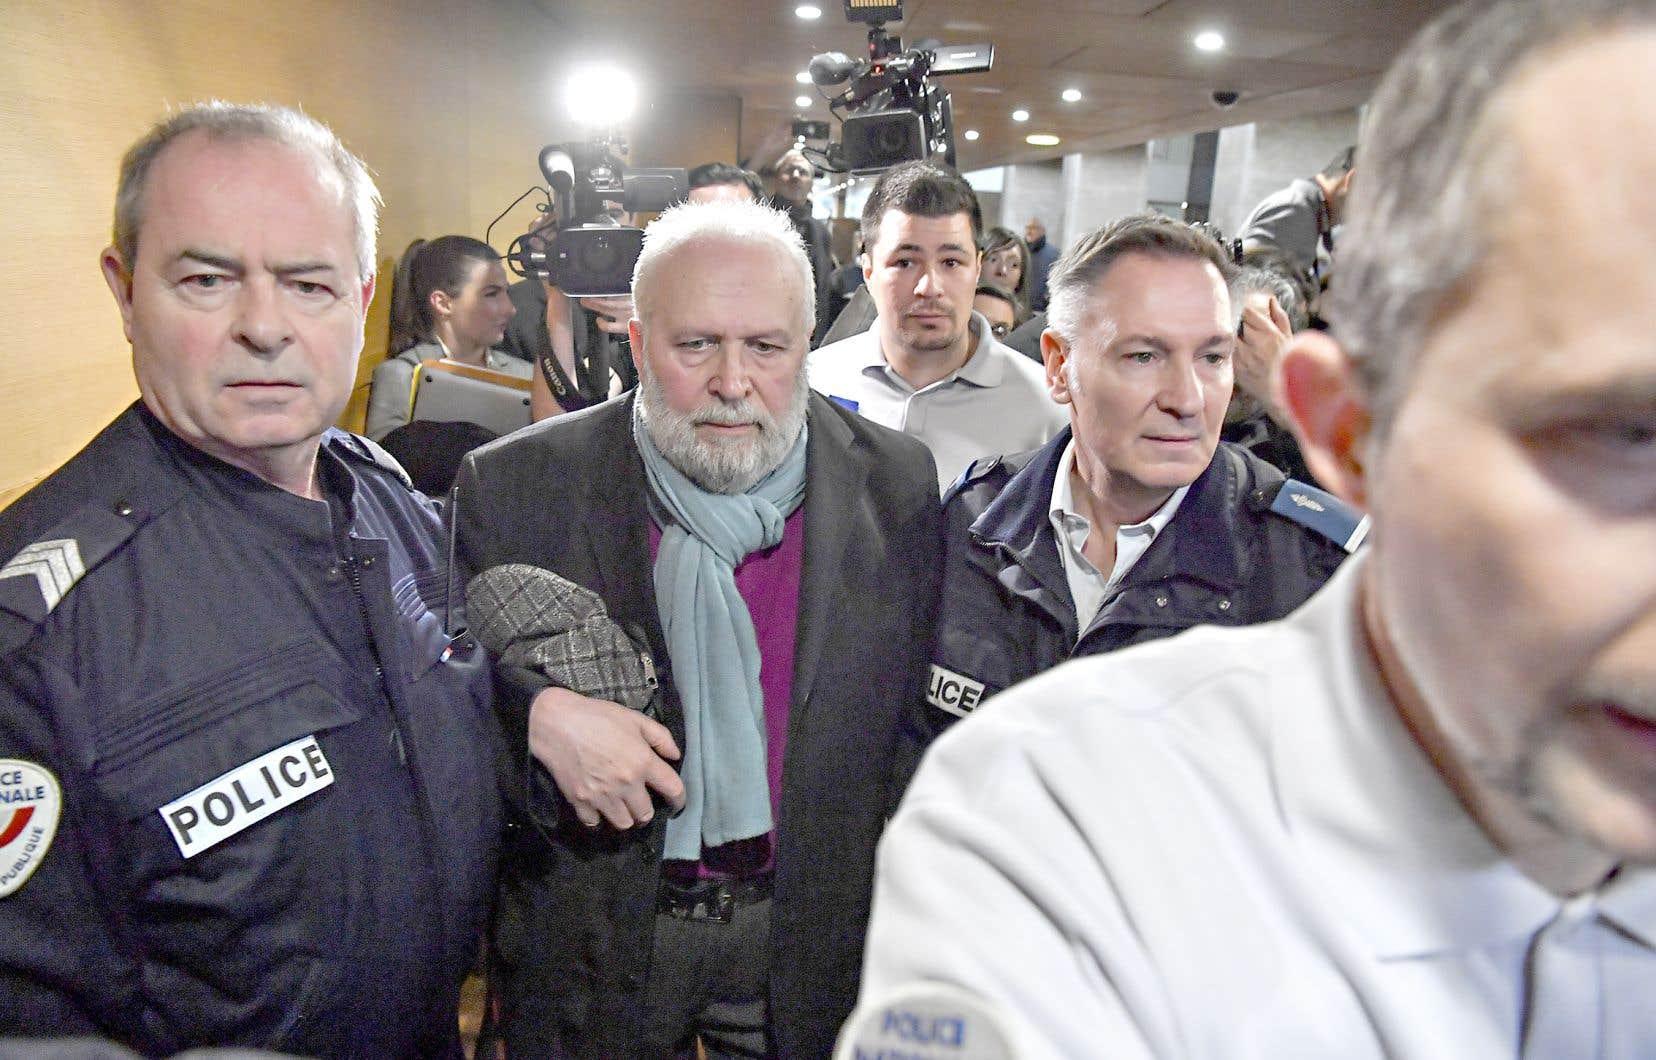 Bernard Preynat, âgé de 74ans, a comparu, mardi, au palais de justice de Lyon pour des actes commis entre 1971 et 1991, quand les victimes étaient âgées de 7 à 15ans.